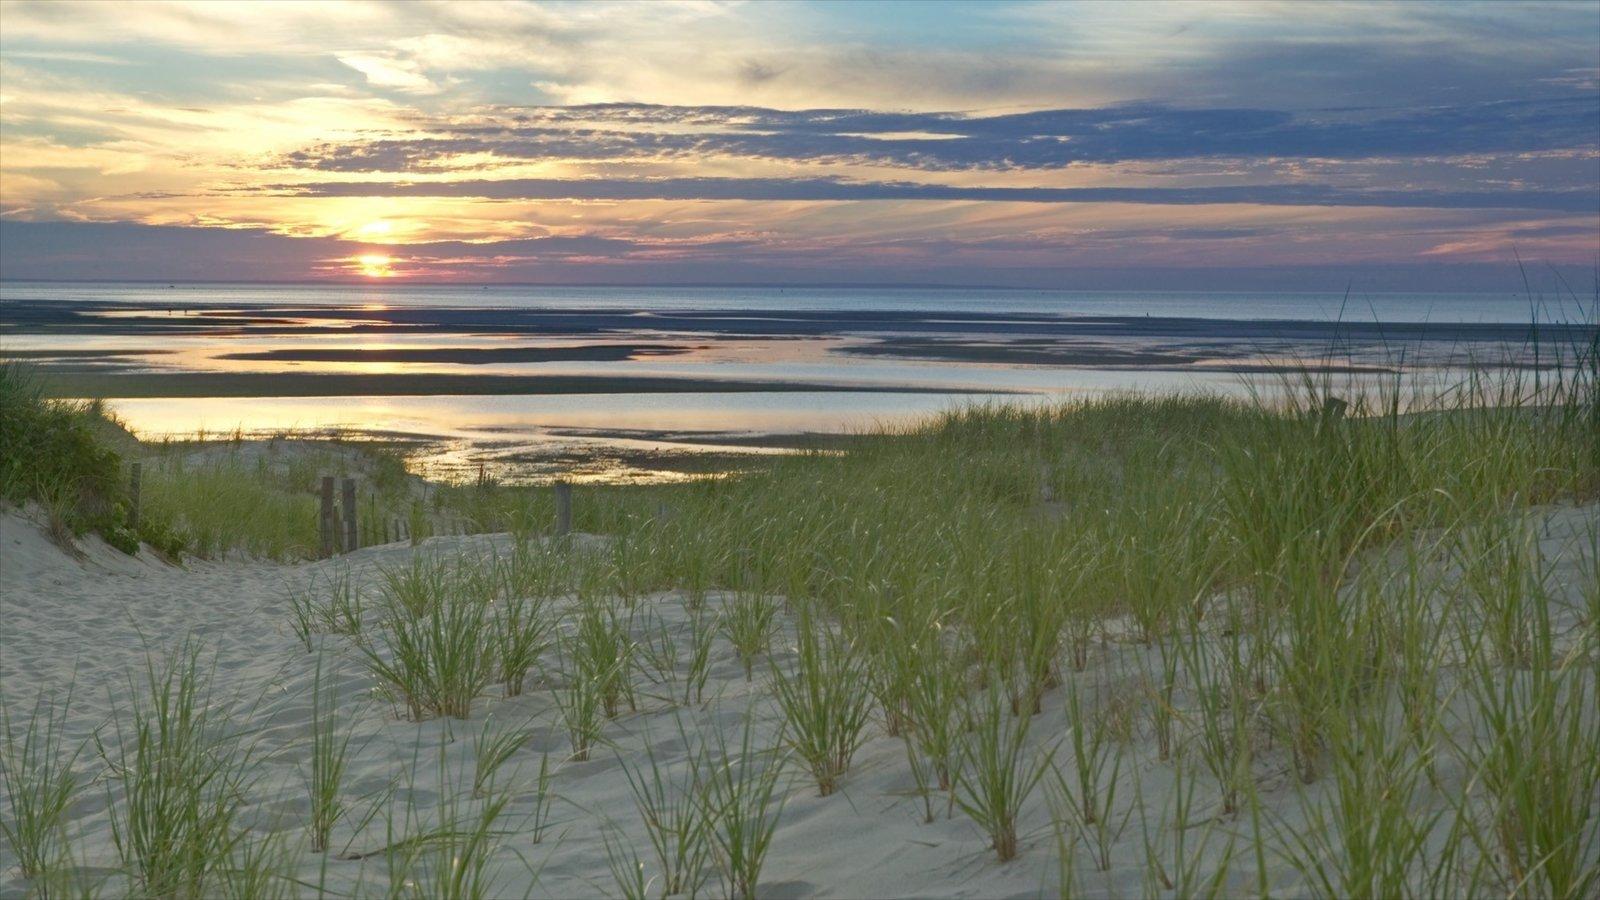 Landscape Pictures: View Images Of Cape Cod